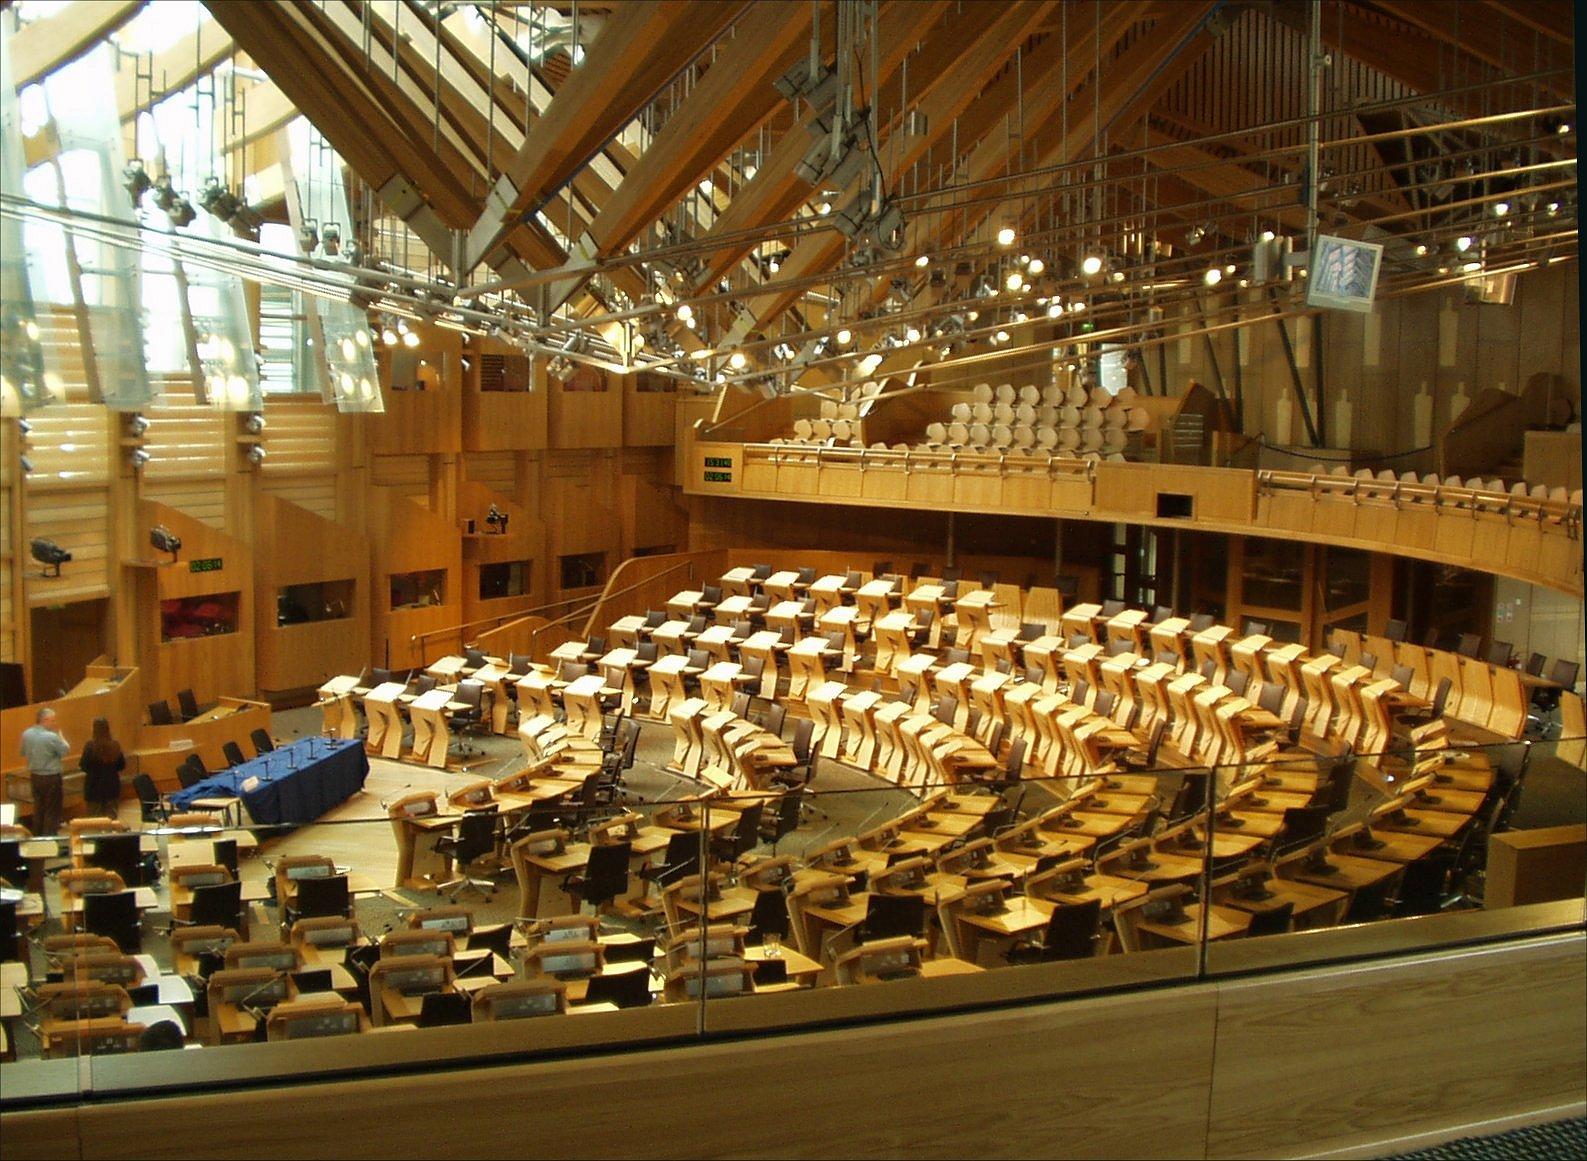 Debating_chamber,_Scottish_Parliament_(31-05-2006)